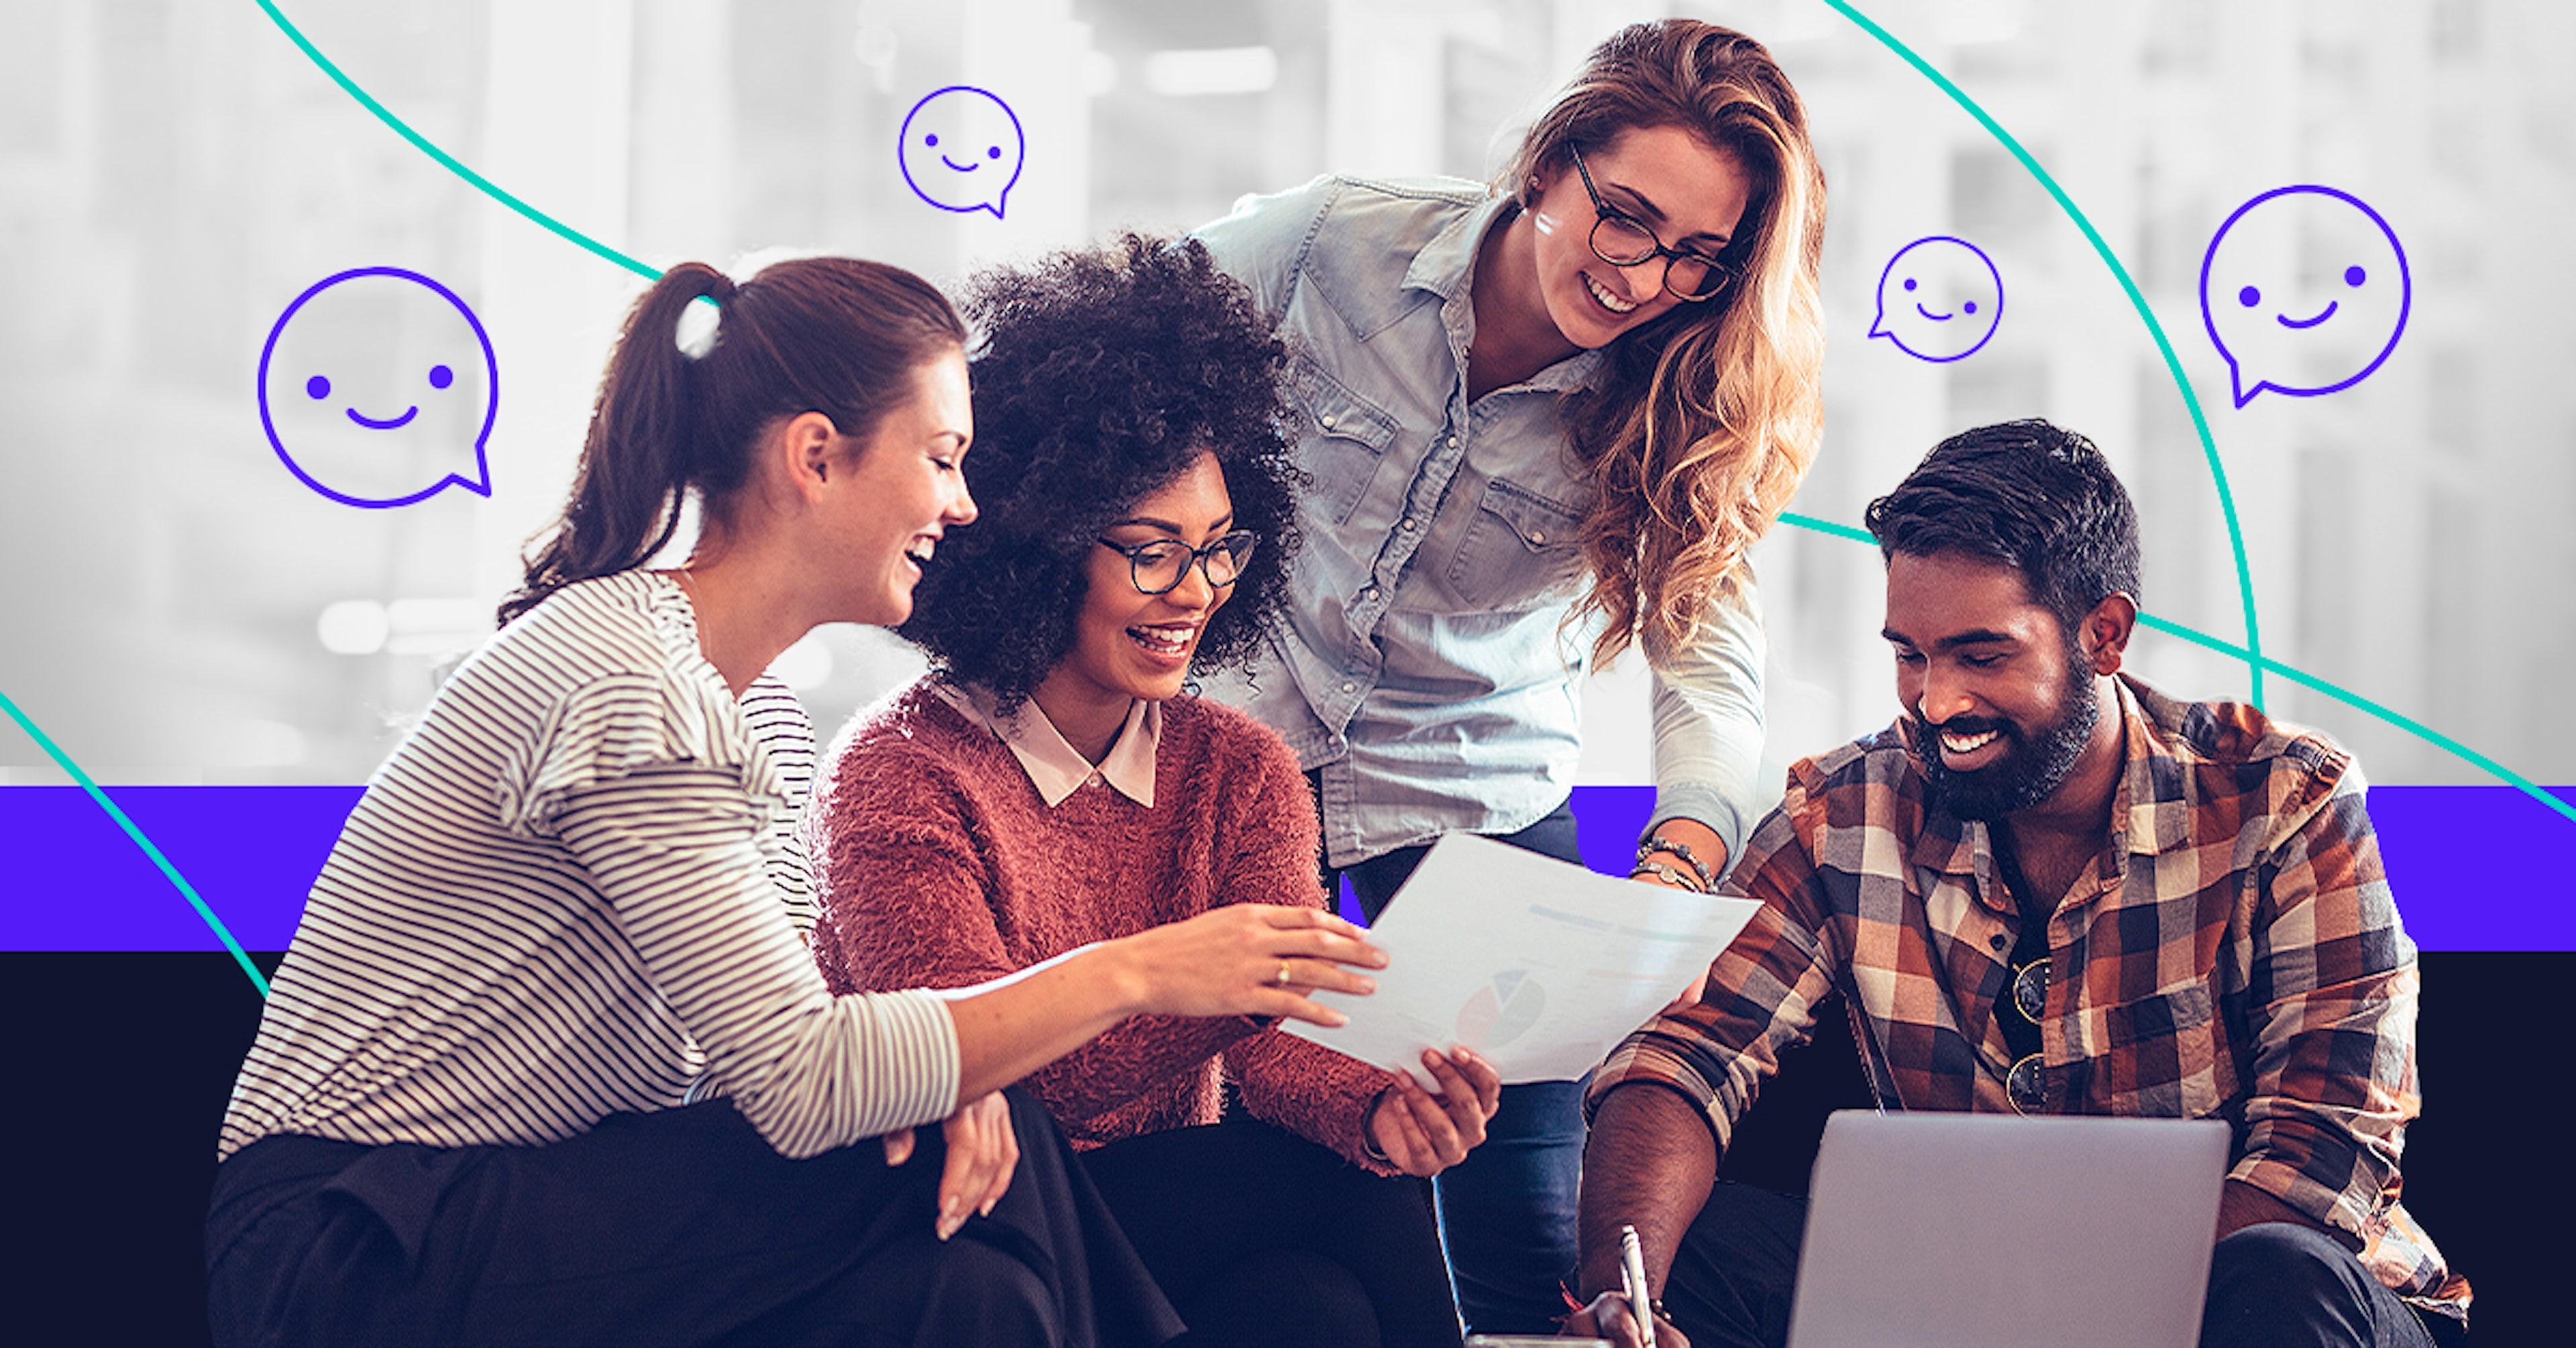 Técnicas de comunicación asertiva: ¿Cómo expresarte de una mejor manera?